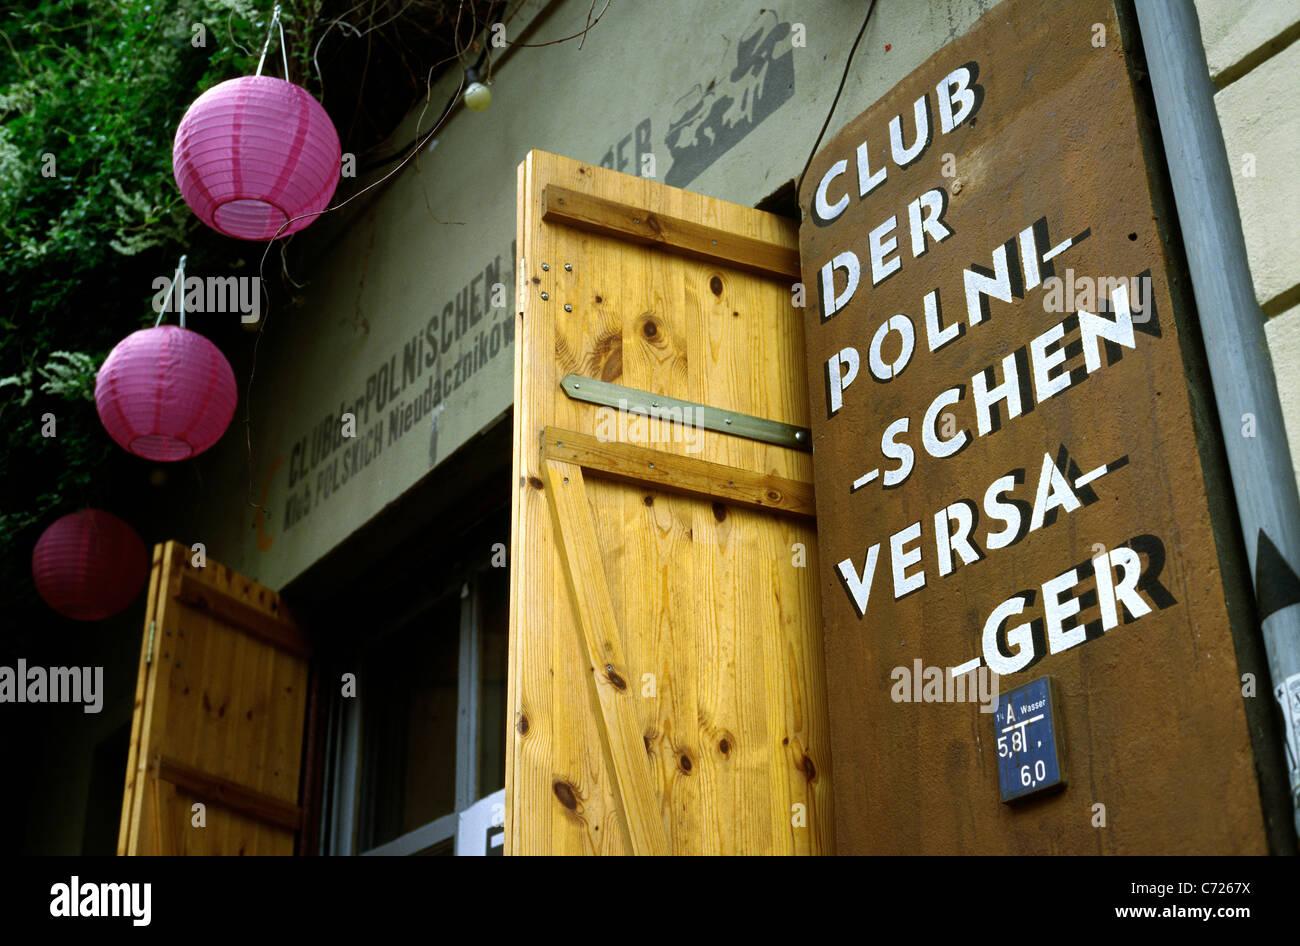 Club der Polnischen Versager (Club of Polish Failures) in Mitte district of Berlin. - Stock Image